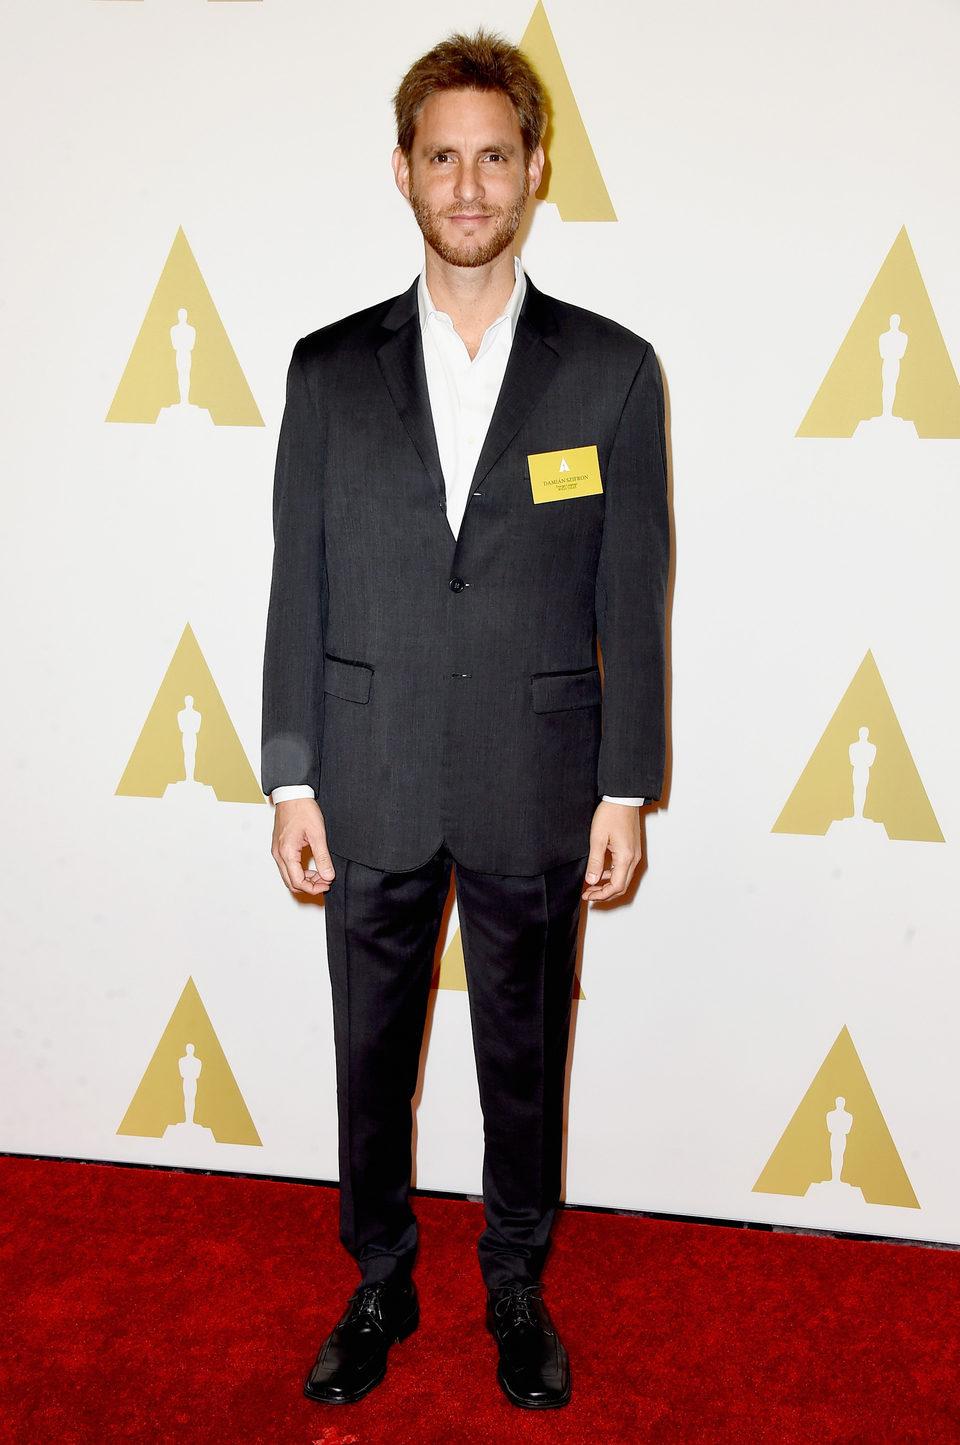 Damián Szifron en el almuerzo de los nominados a los Oscar 2015